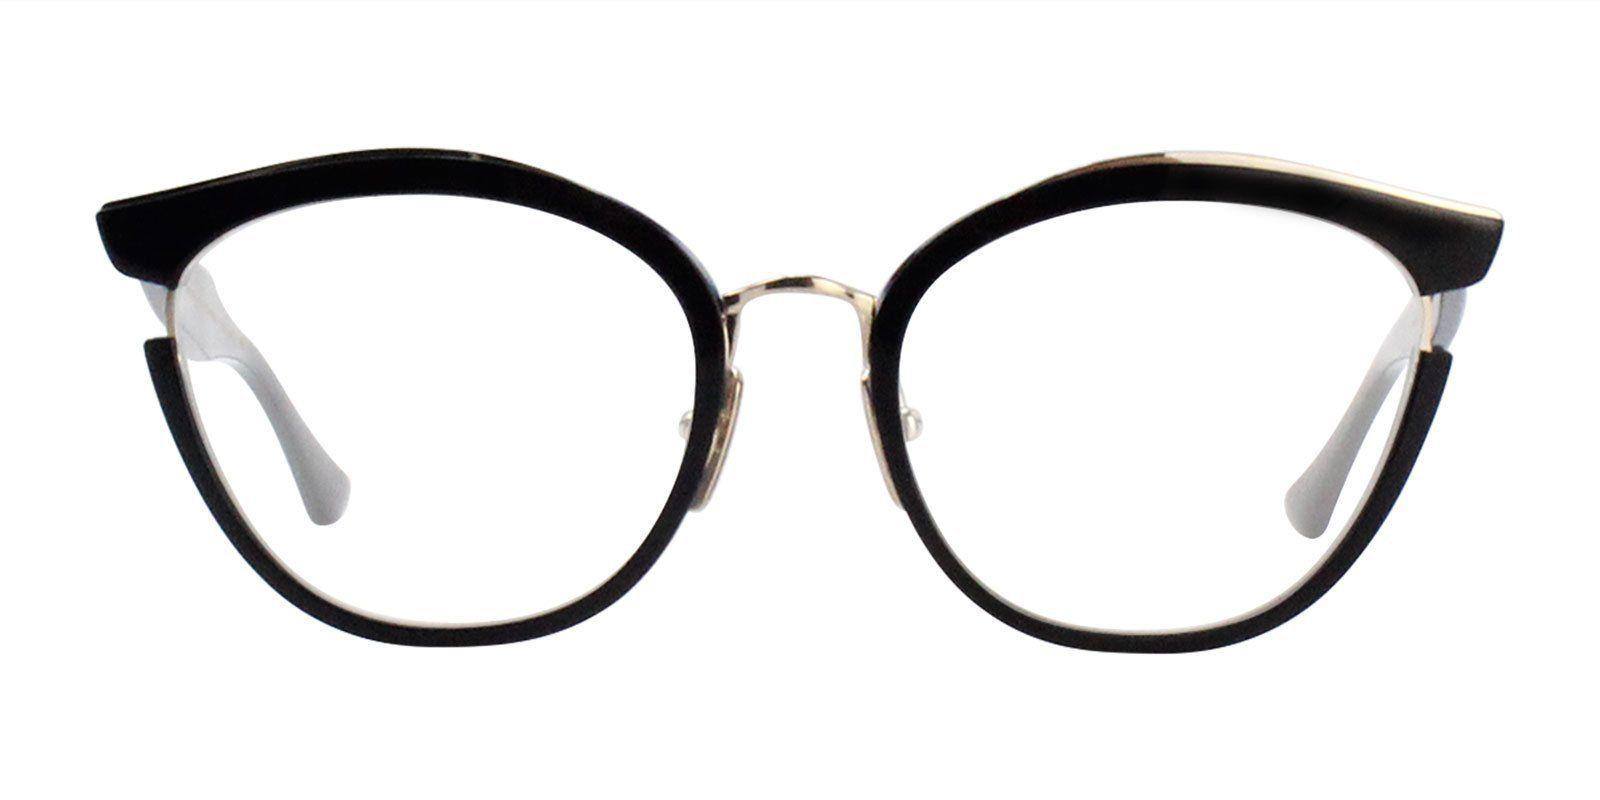 b408f9696f Dita - MIKRO Navy-Navy Swirl - 14K Gold eyeglasses